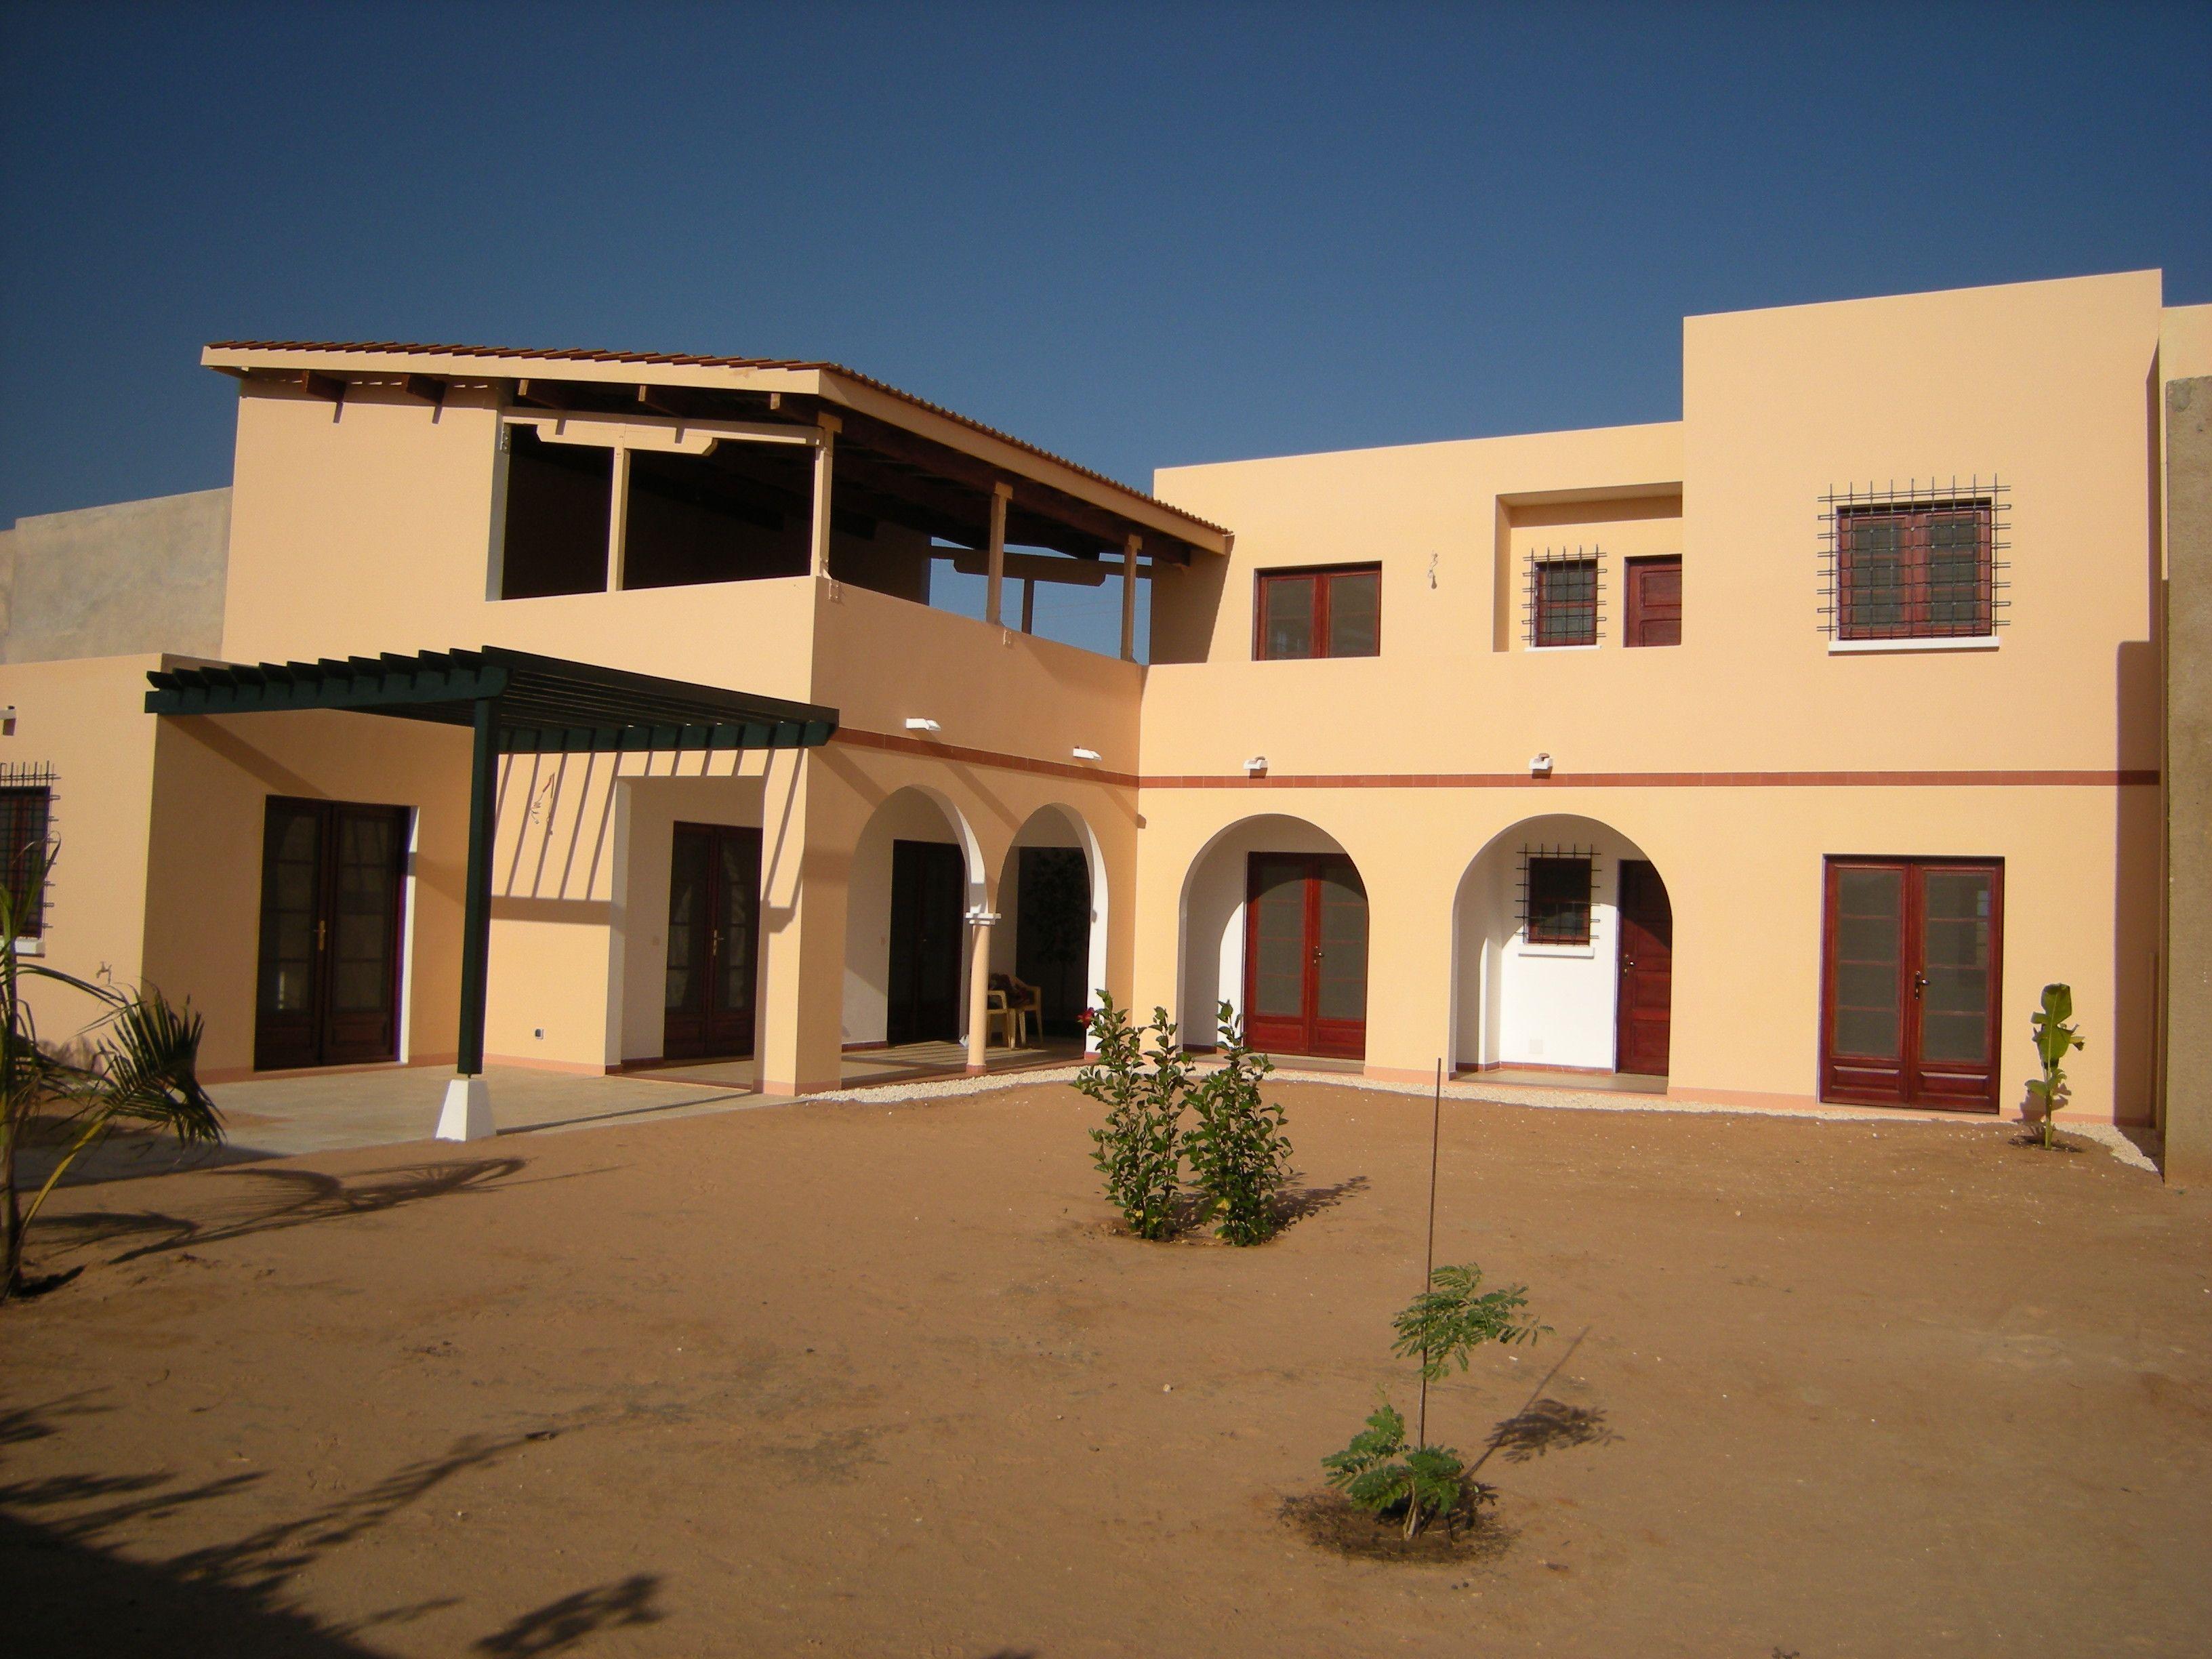 Votre maison au senegal for Acheter une maison au senegal dakar